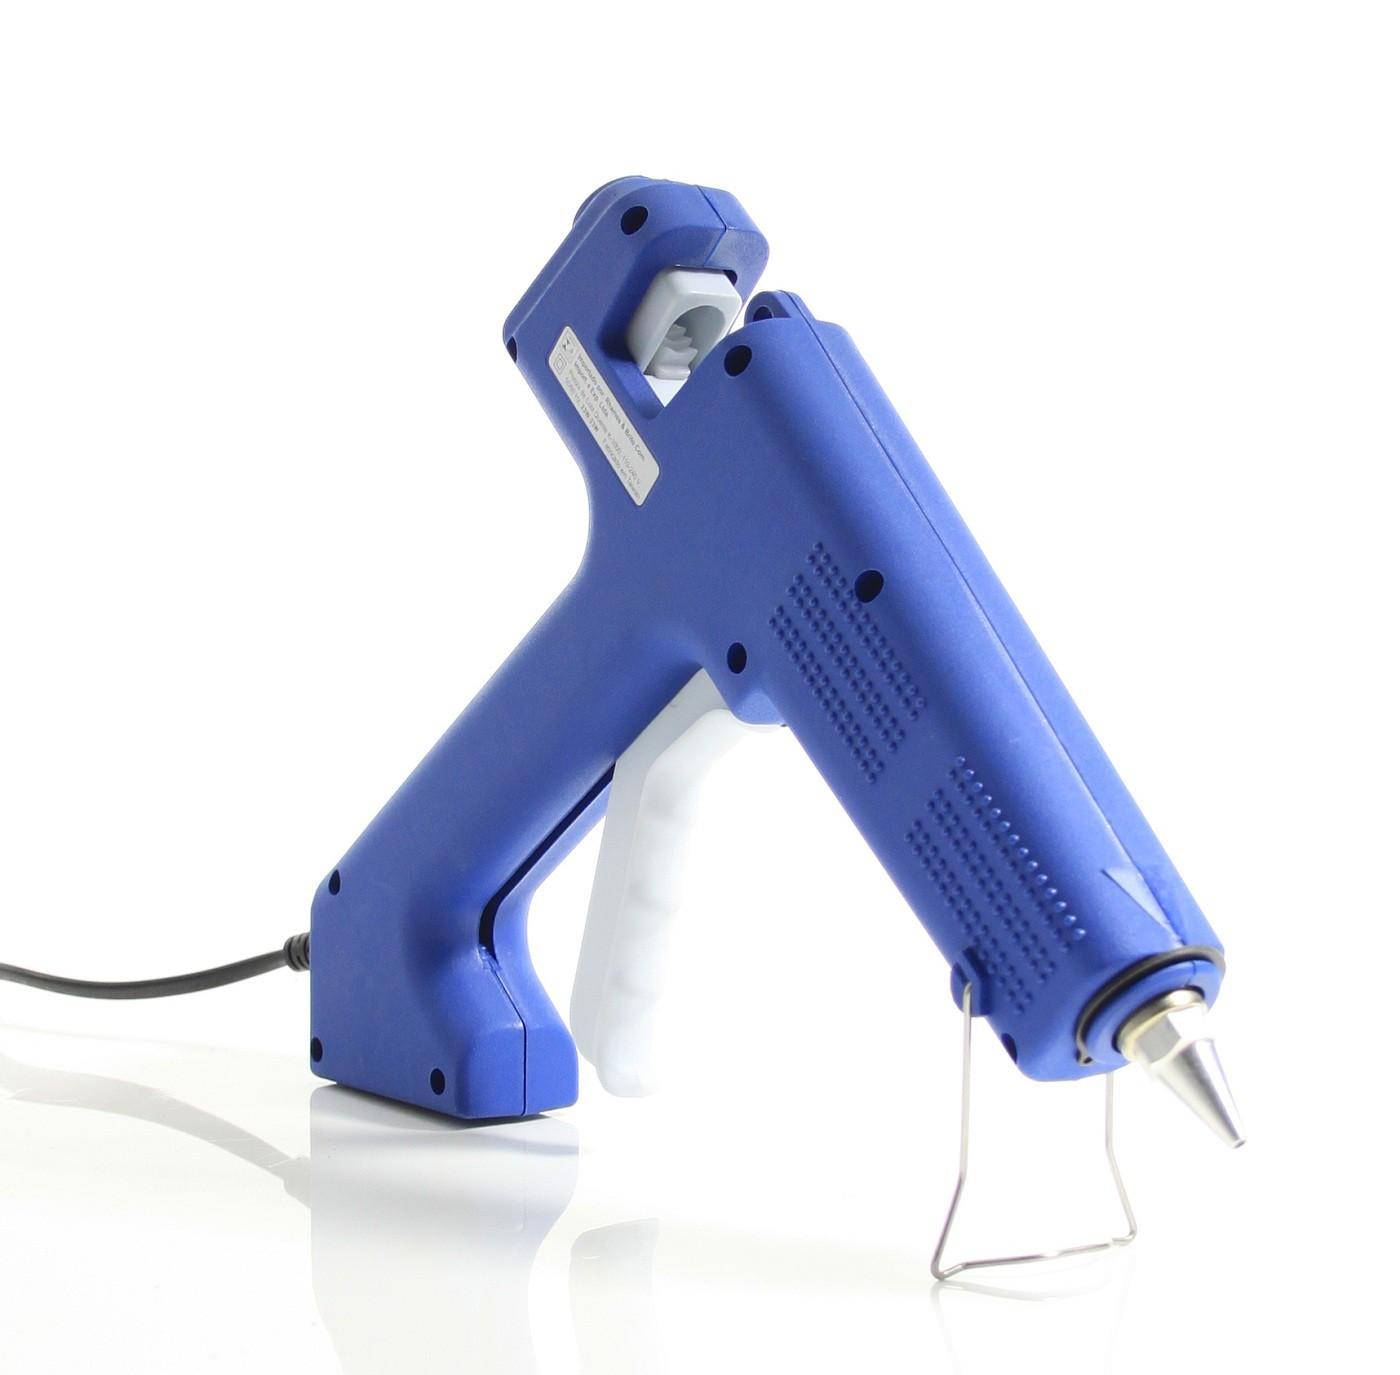 Pistola de Cola Quente Profissional 23W/100W - K-1000 (Bastão de Cola Quente Grossa 11.5mm)